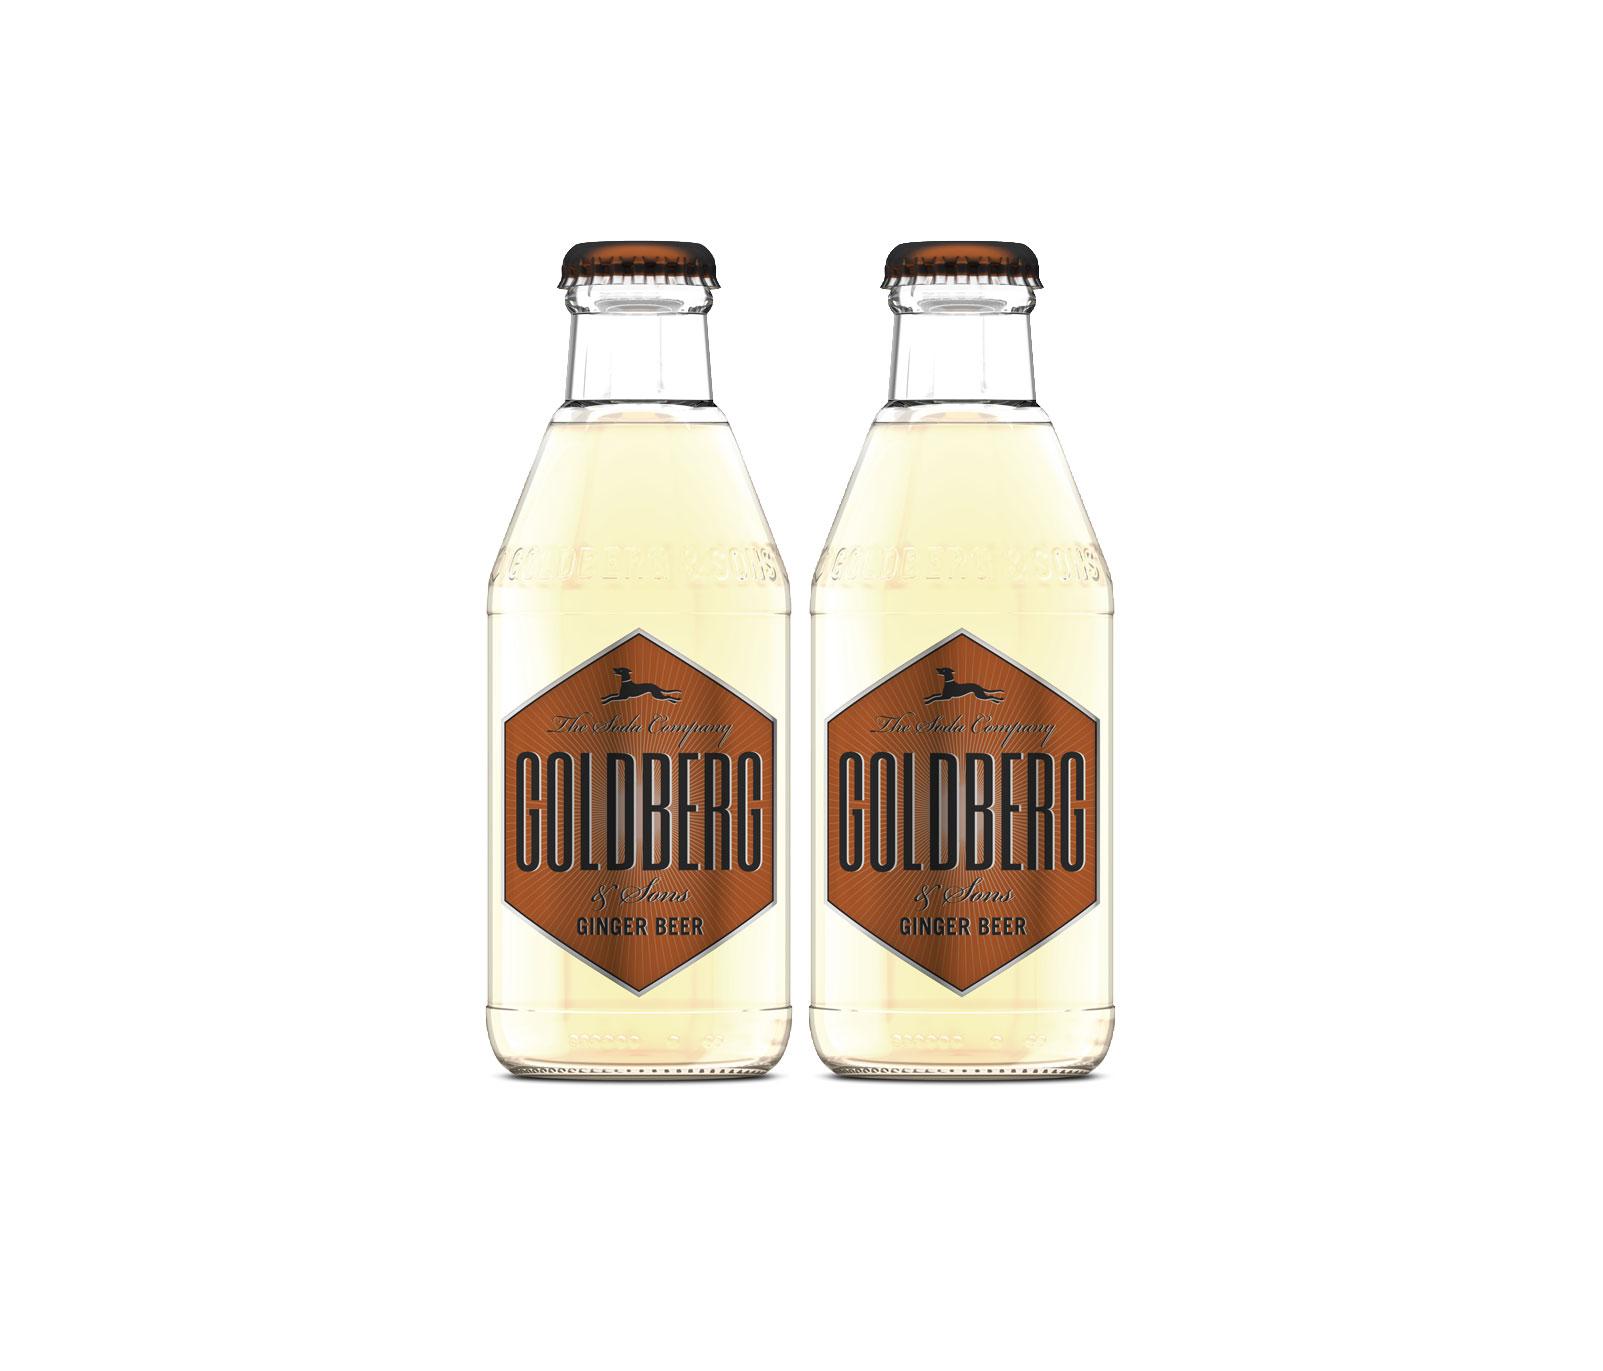 Goldberg Ginger Beer 2er Set - 2x200ml inkl. Pfand MEHRWEG